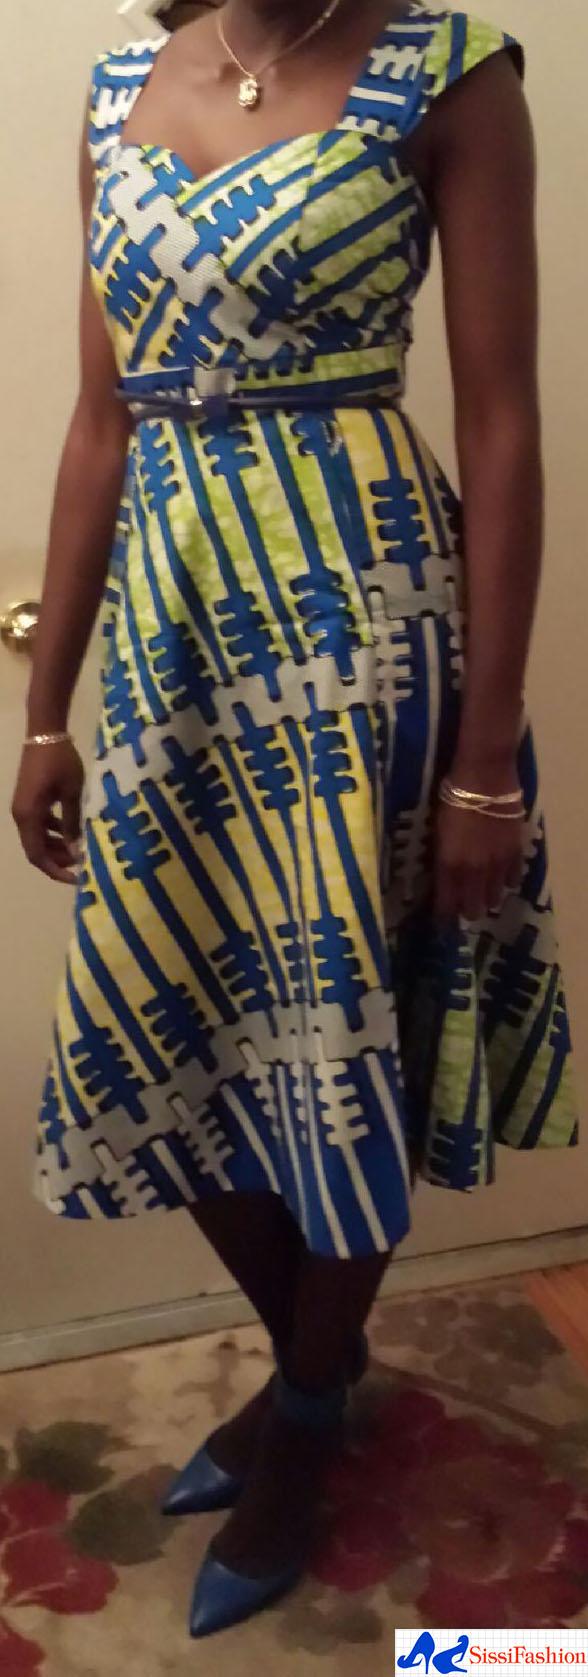 blue_african_print_sleeveless_dress_2dec2013_4